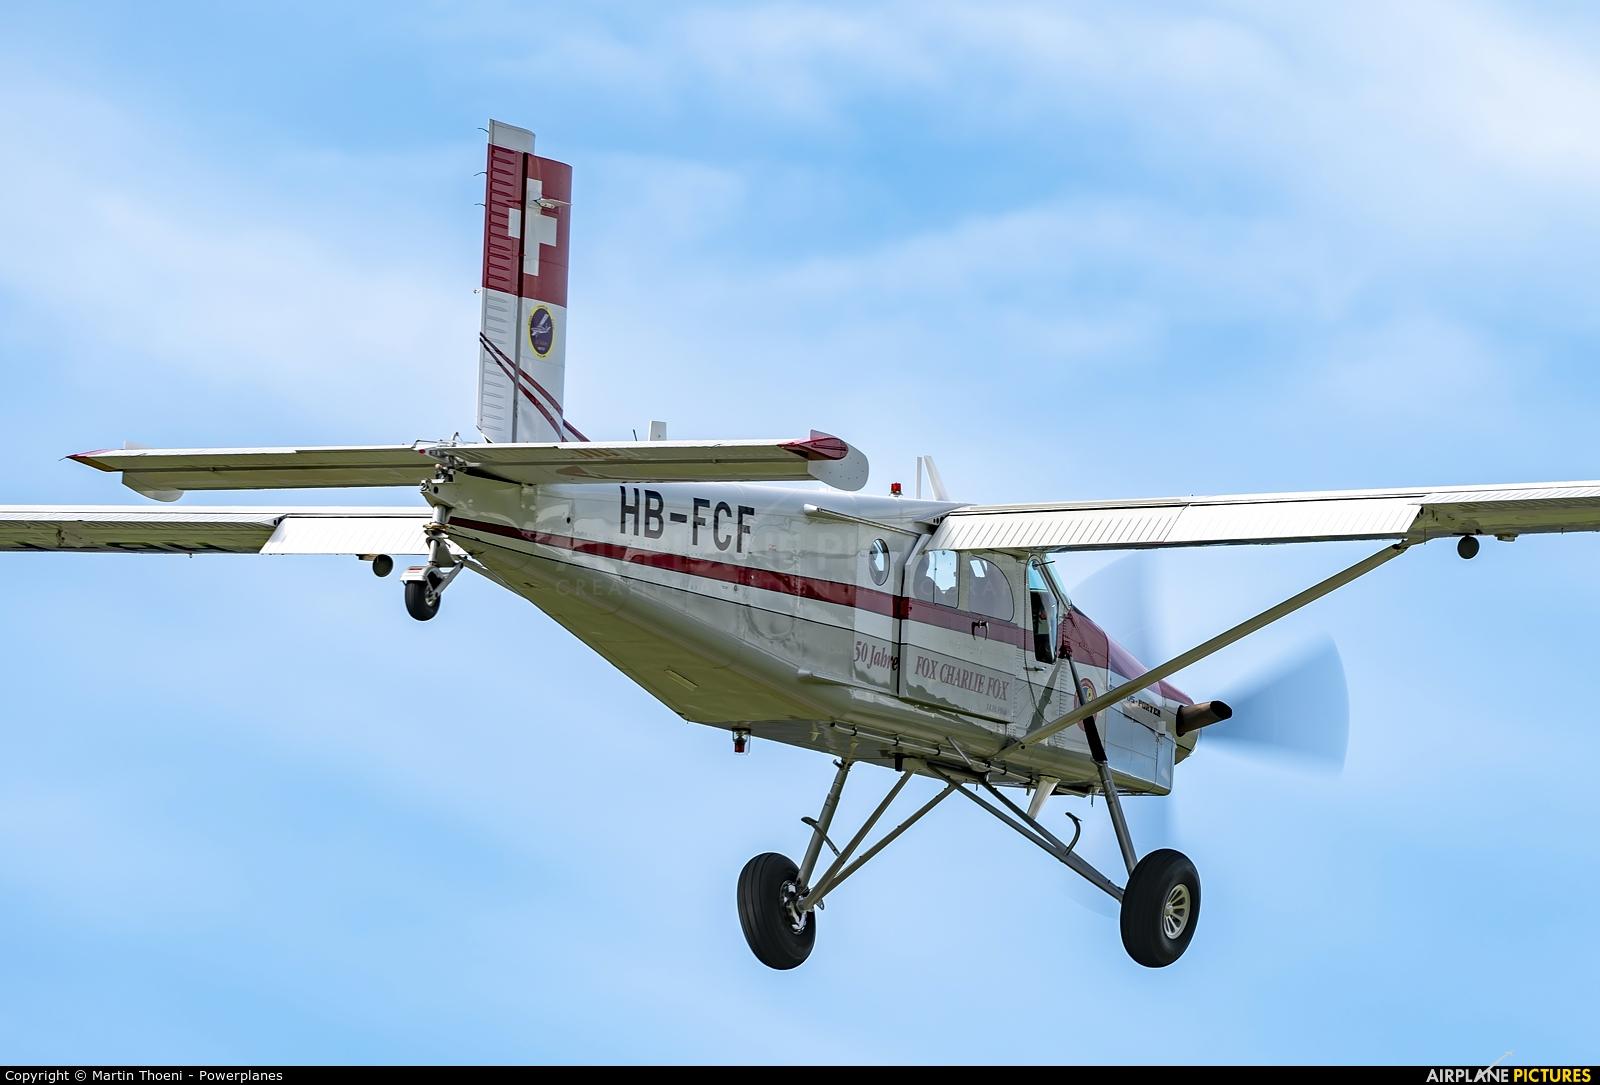 Switzerland - Armasuisse HB-FCF aircraft at Meiringen